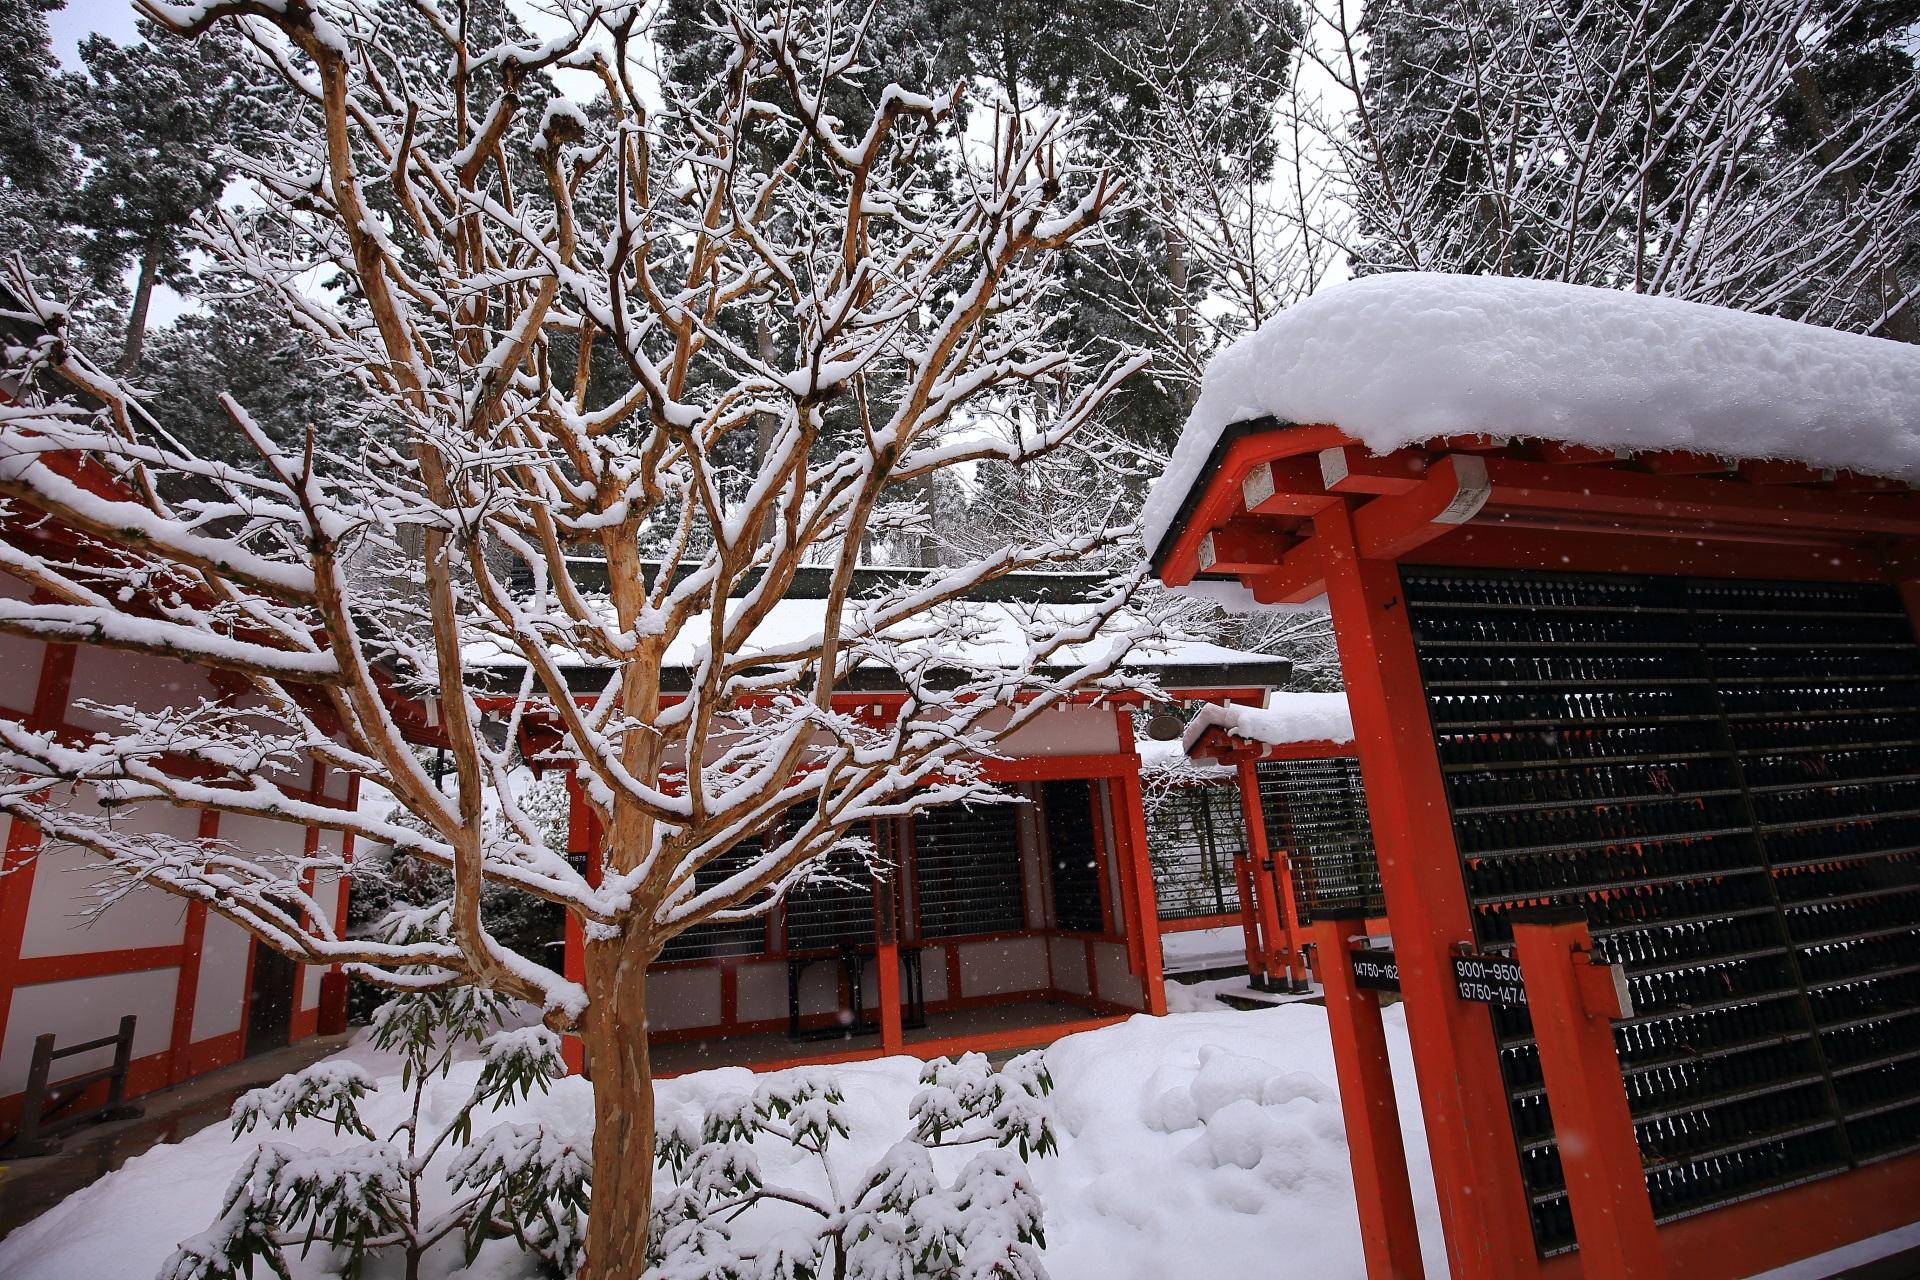 綺麗な雪の花が咲く冬の大原三千院